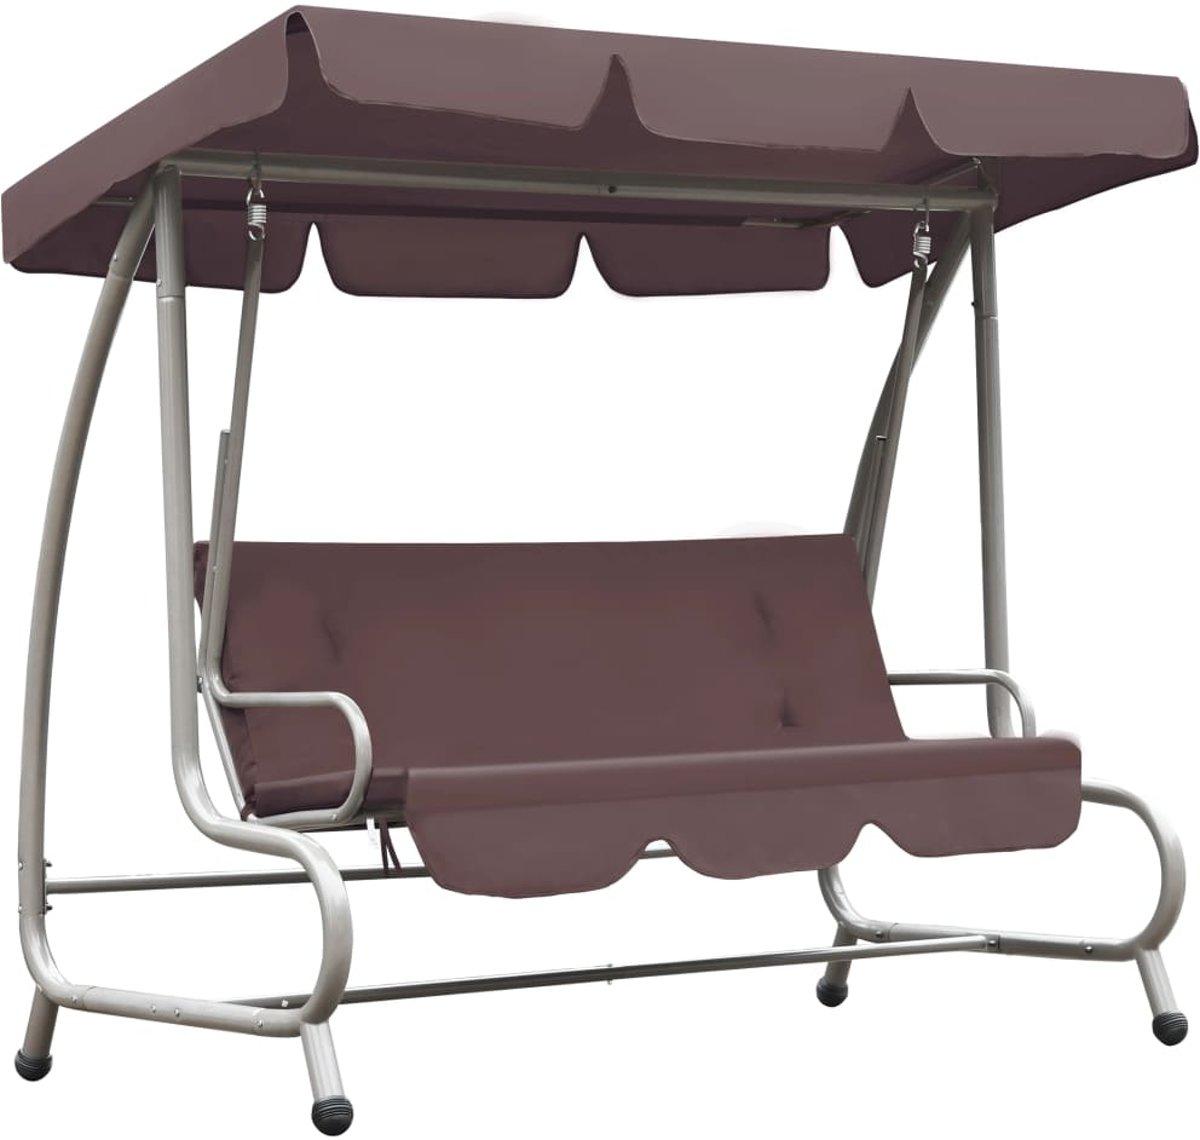 vidaXL Schommelstoel voor buiten met luifel koffiekleurig kopen